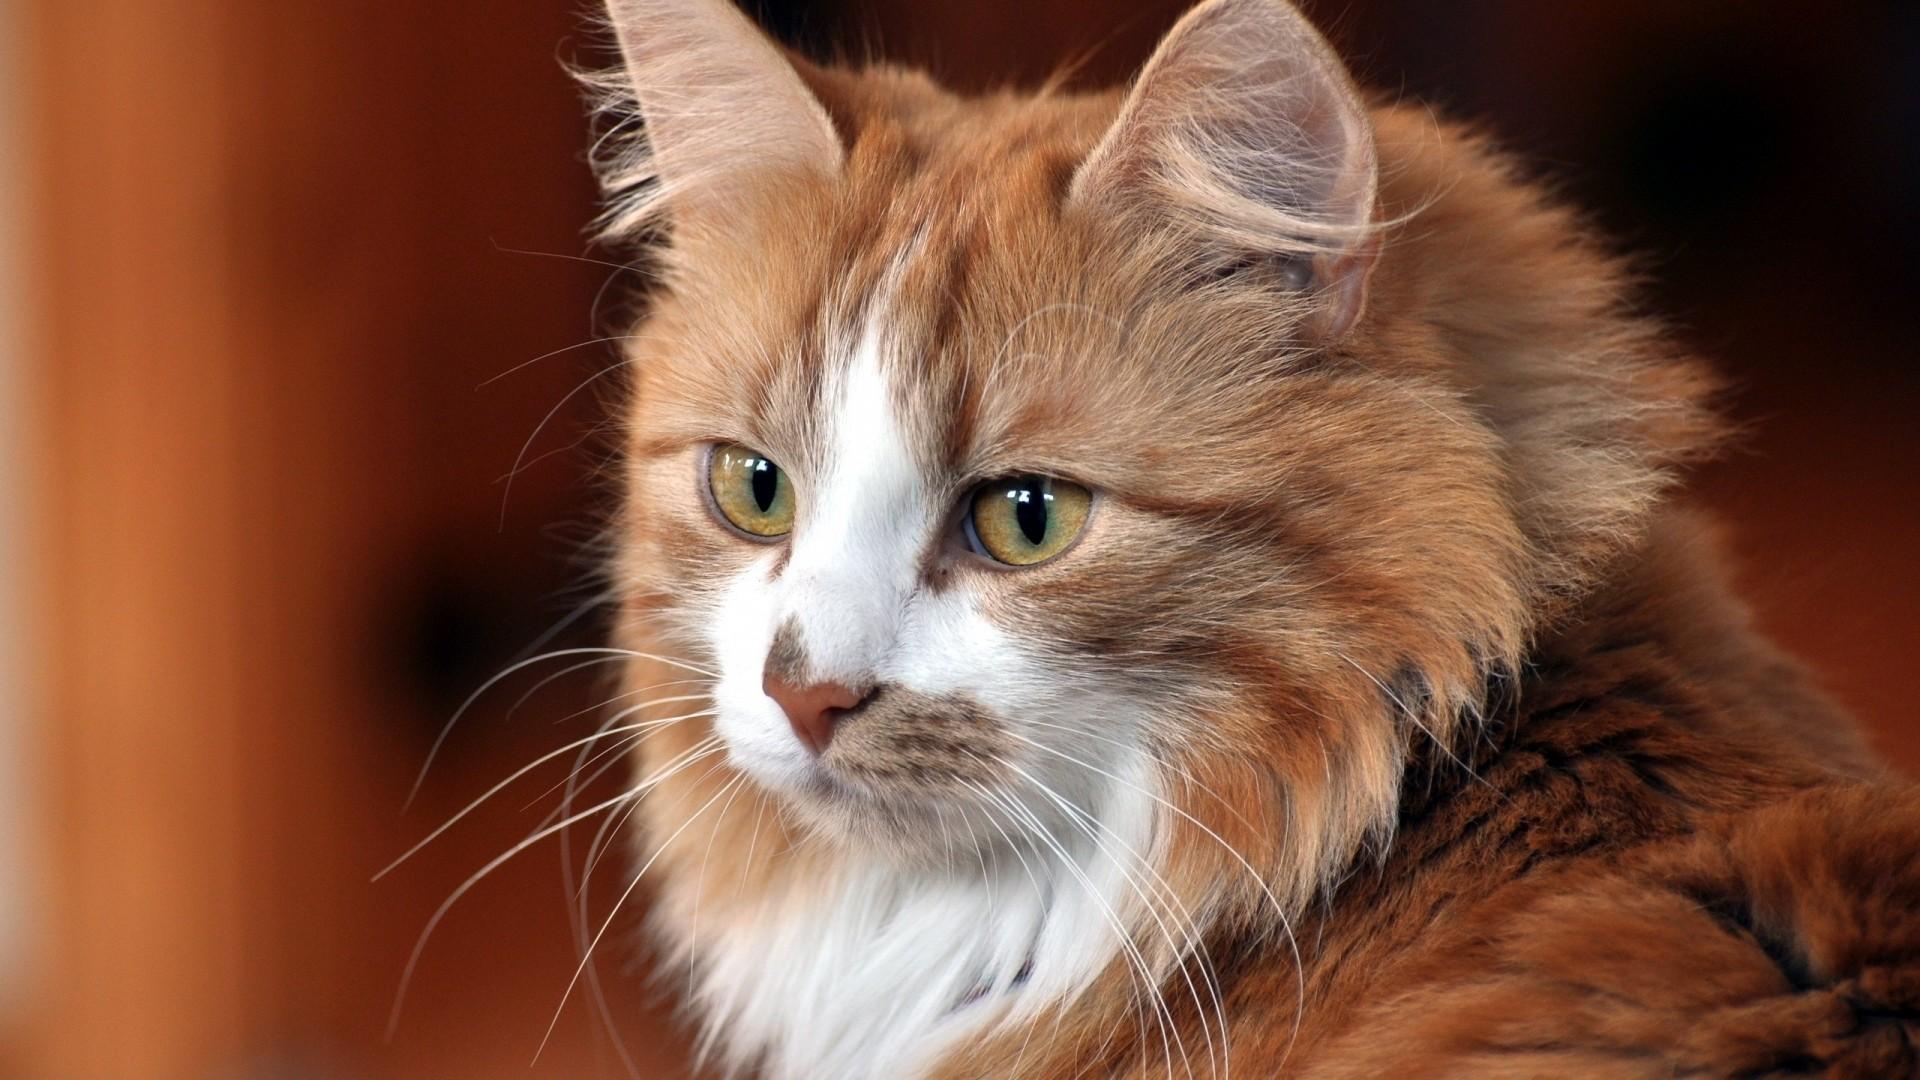 Wallpaper cat, face, cat, cool cat, cute cat